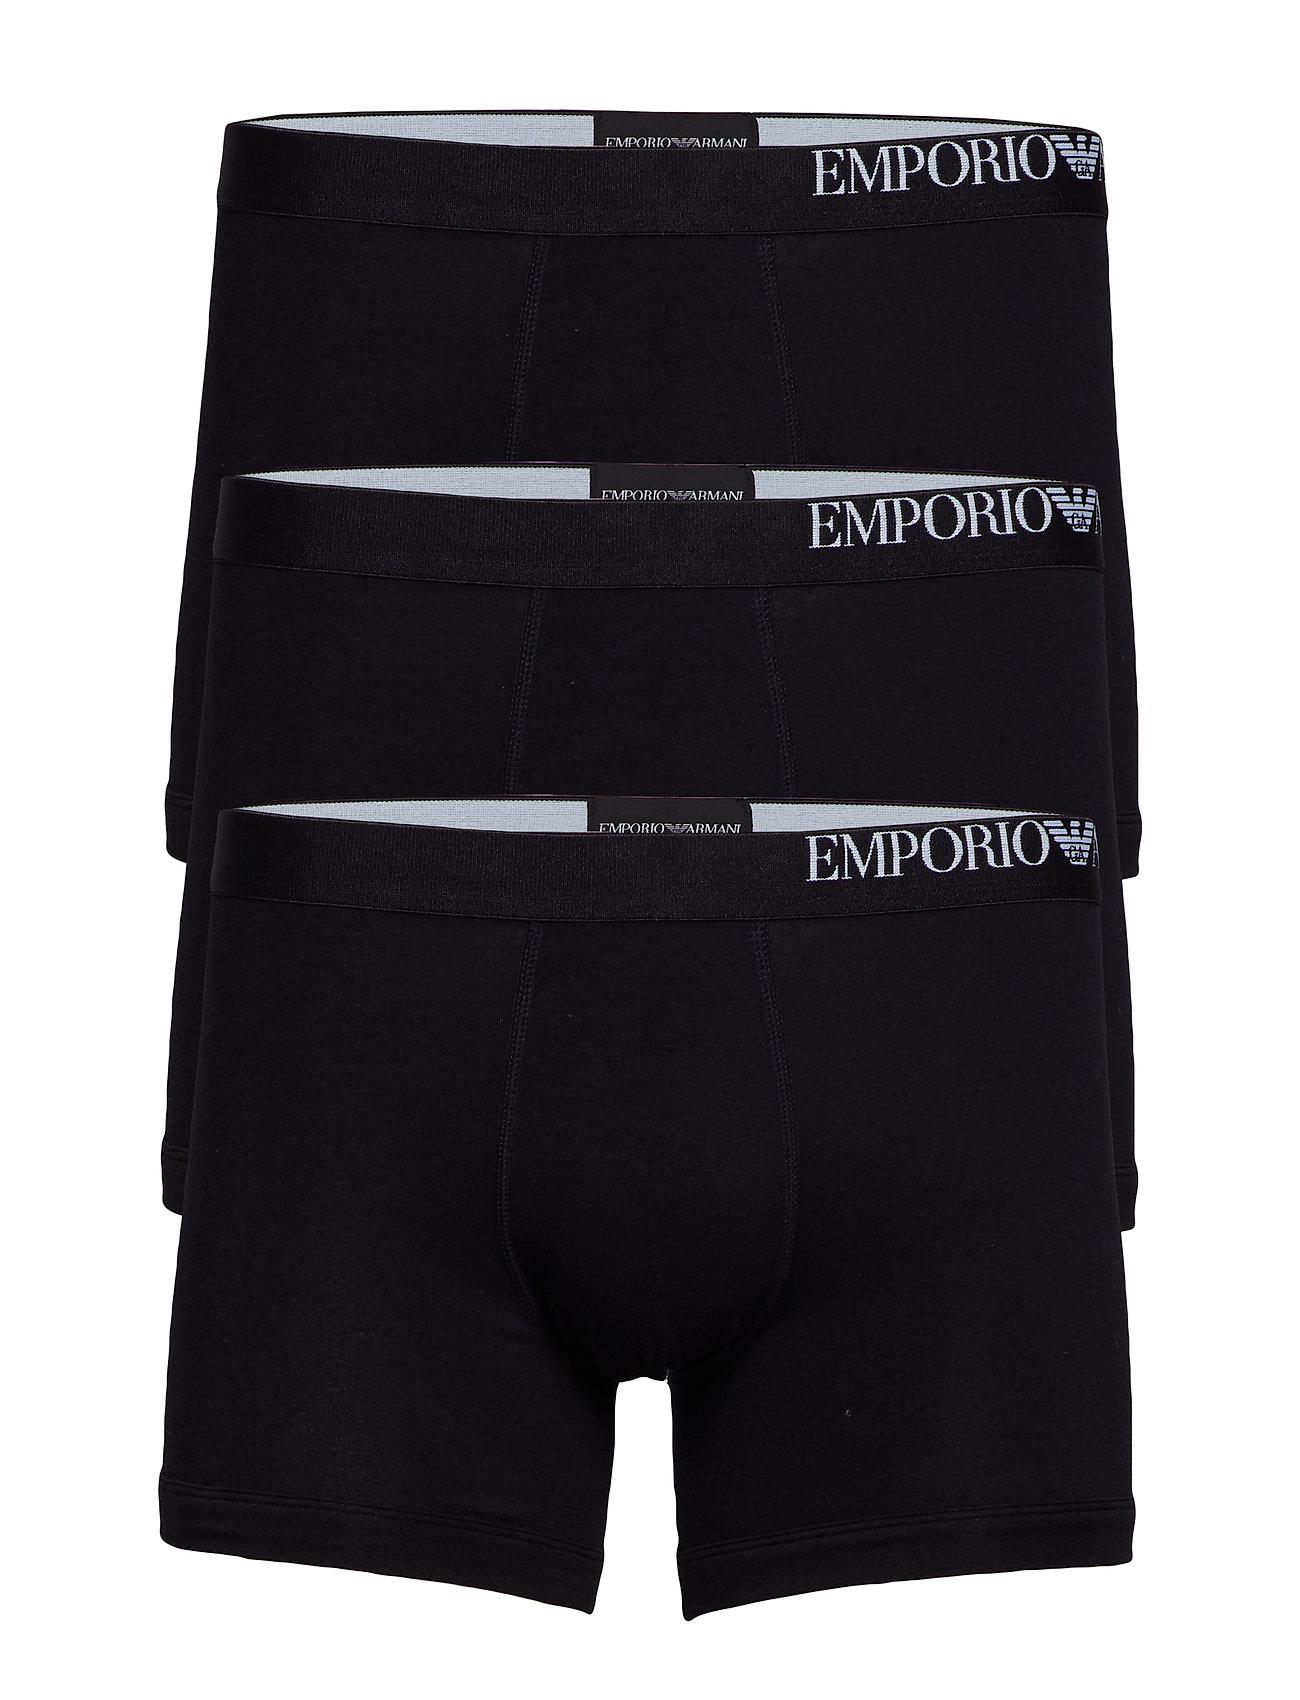 Emporio Armani MEN'S KNIT 3-PACK BOXER - NERO/NERO/NERO